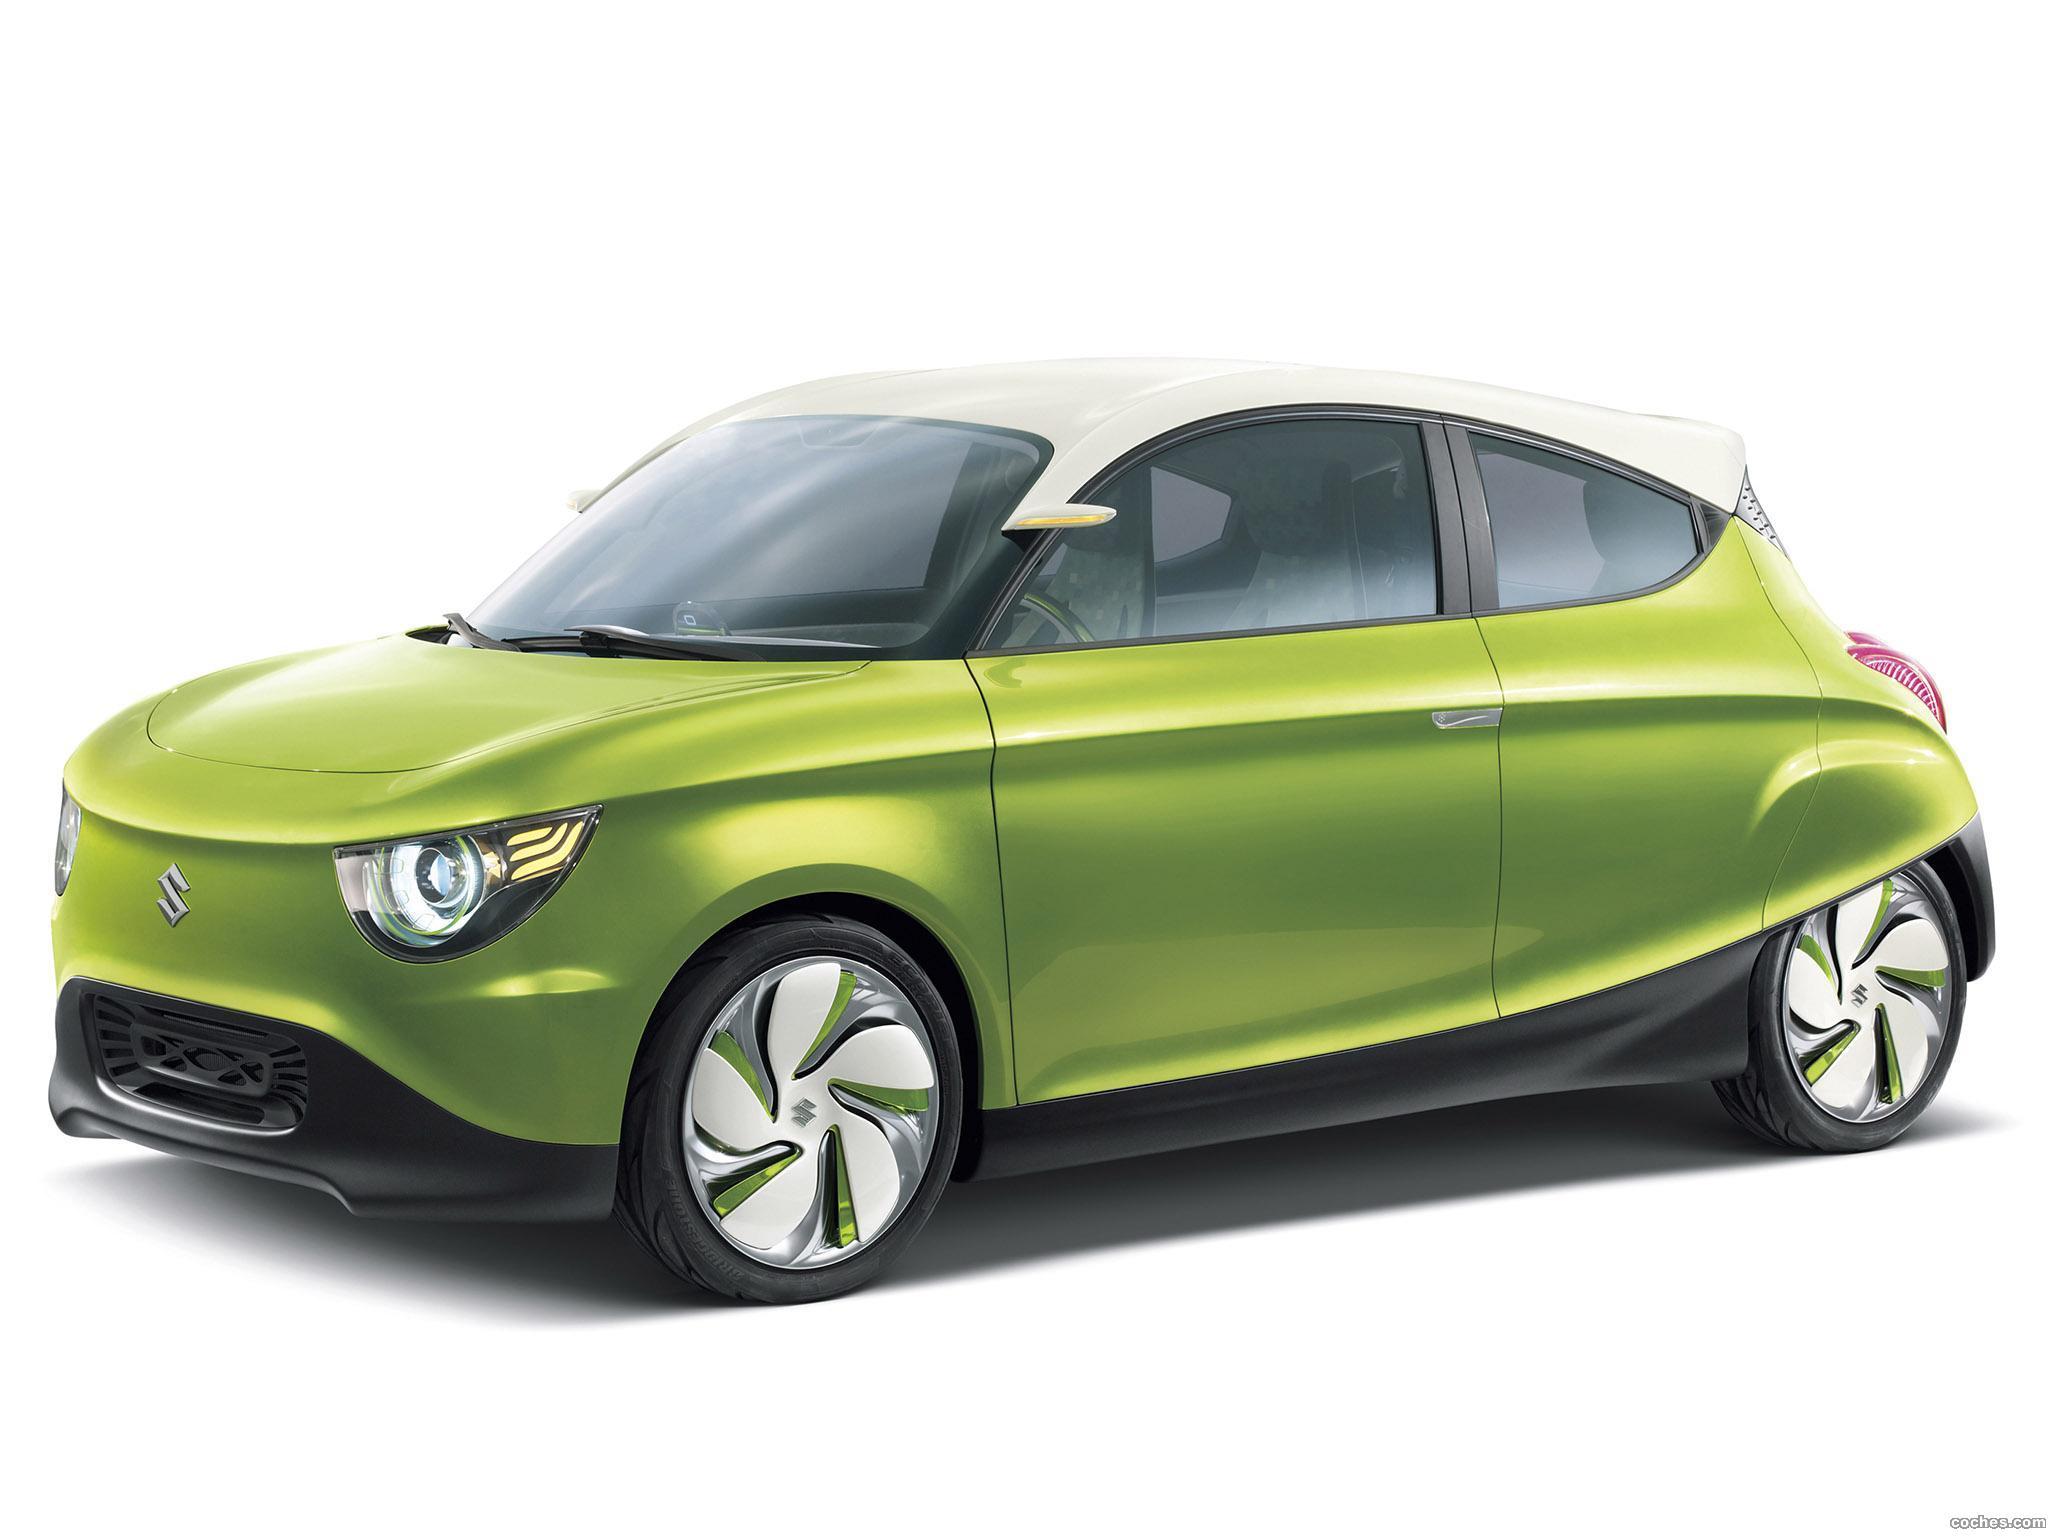 Foto 0 de Suzuki Regina Concept 2011